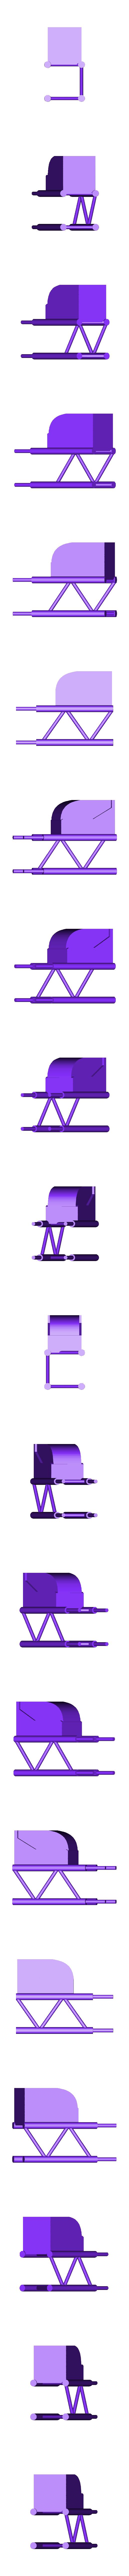 Ultimate_Crane_Cabin.stl Télécharger fichier STL gratuit Grue multi-pièces • Plan imprimable en 3D, ernestwallon3D